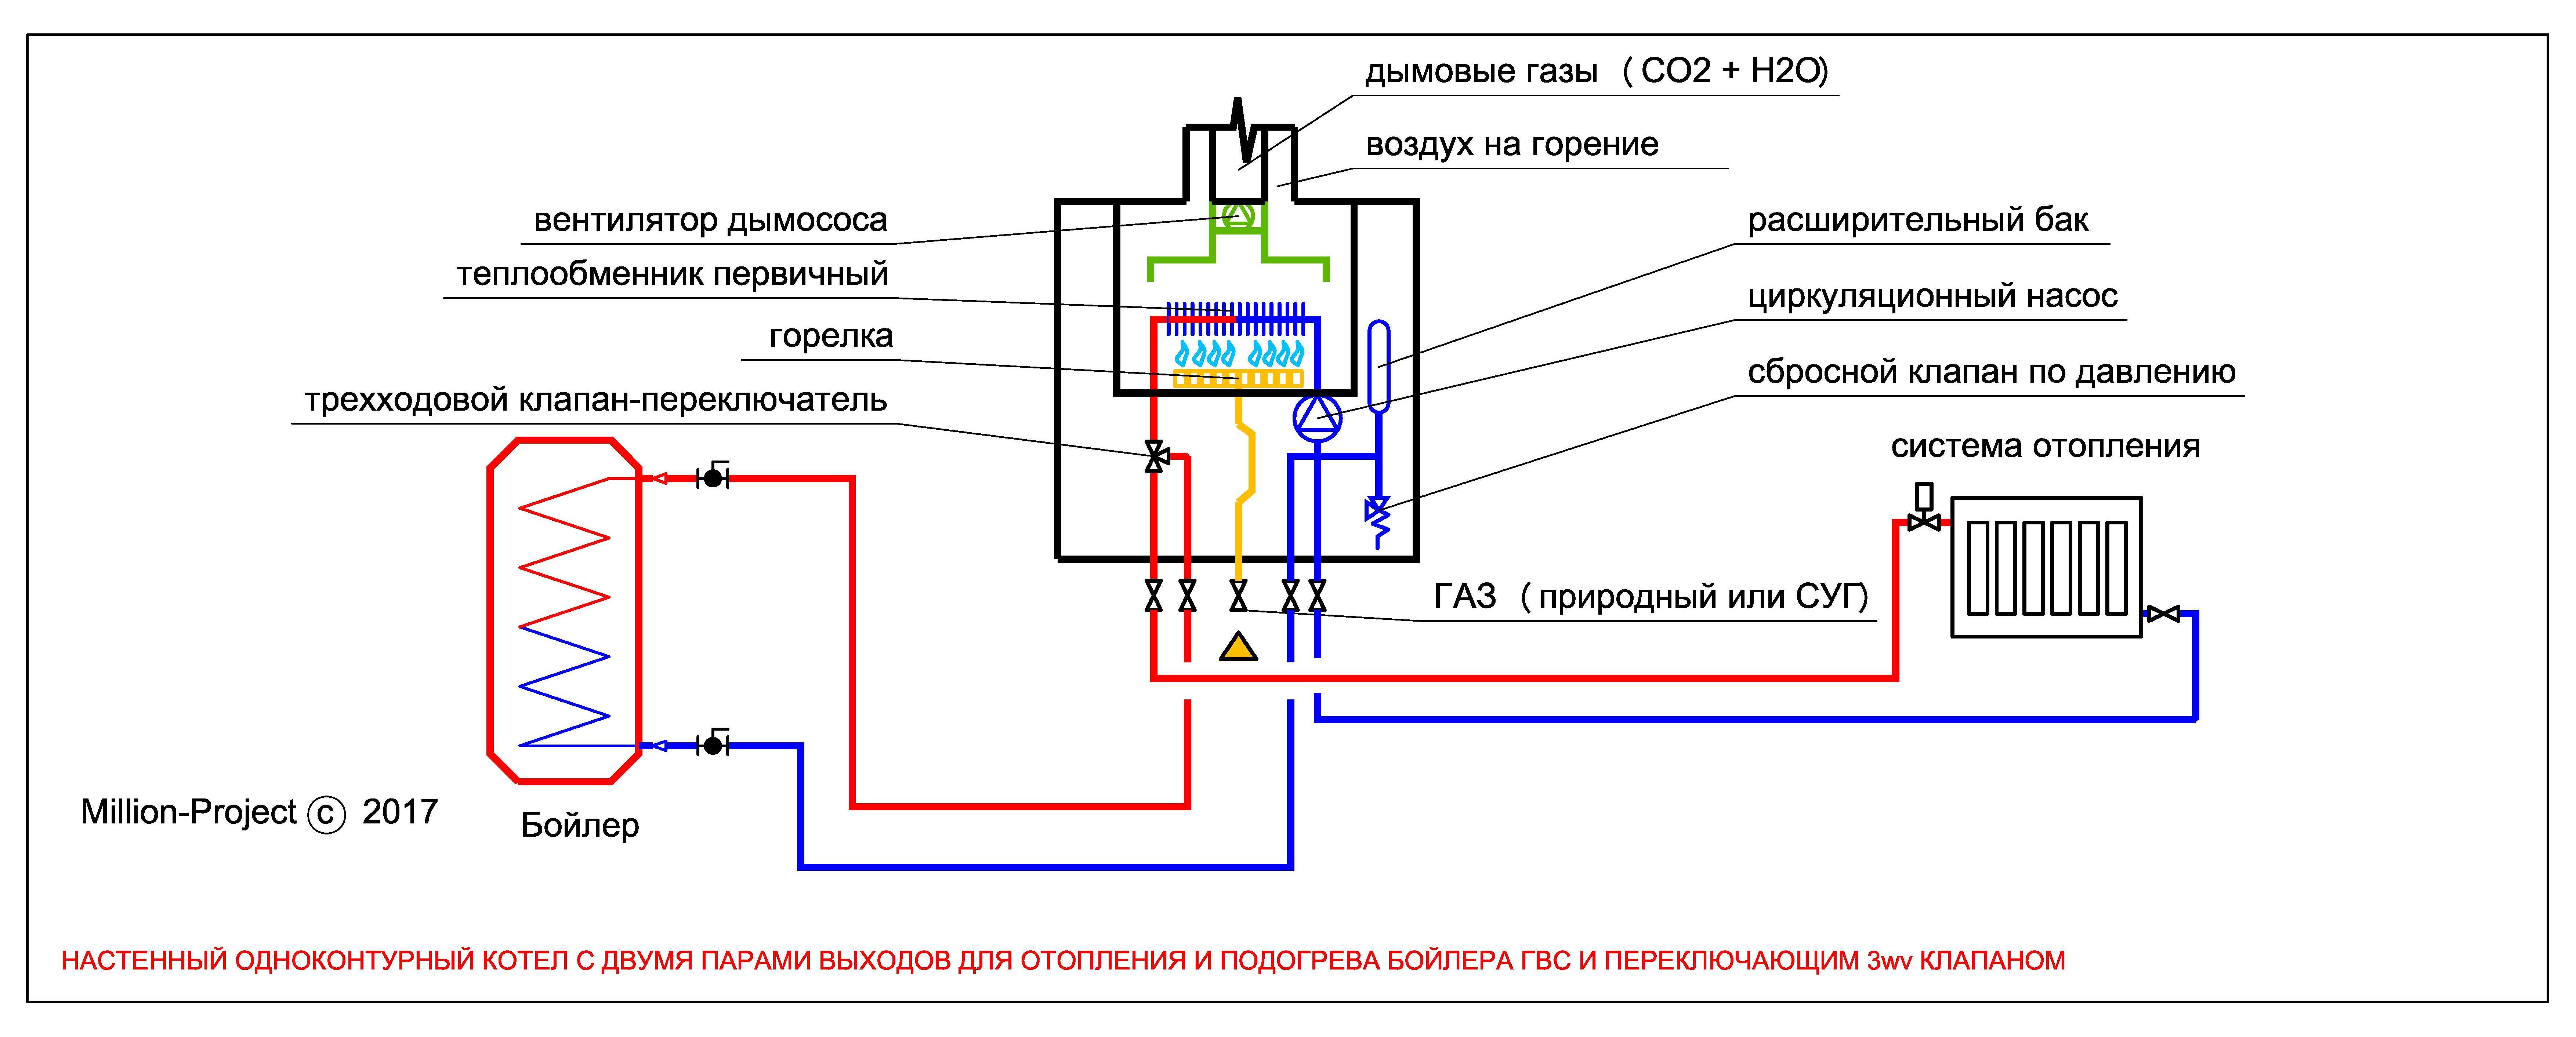 Устройство одноконтурного котла с двумя парами выходов на приготовление отопления и ГВС